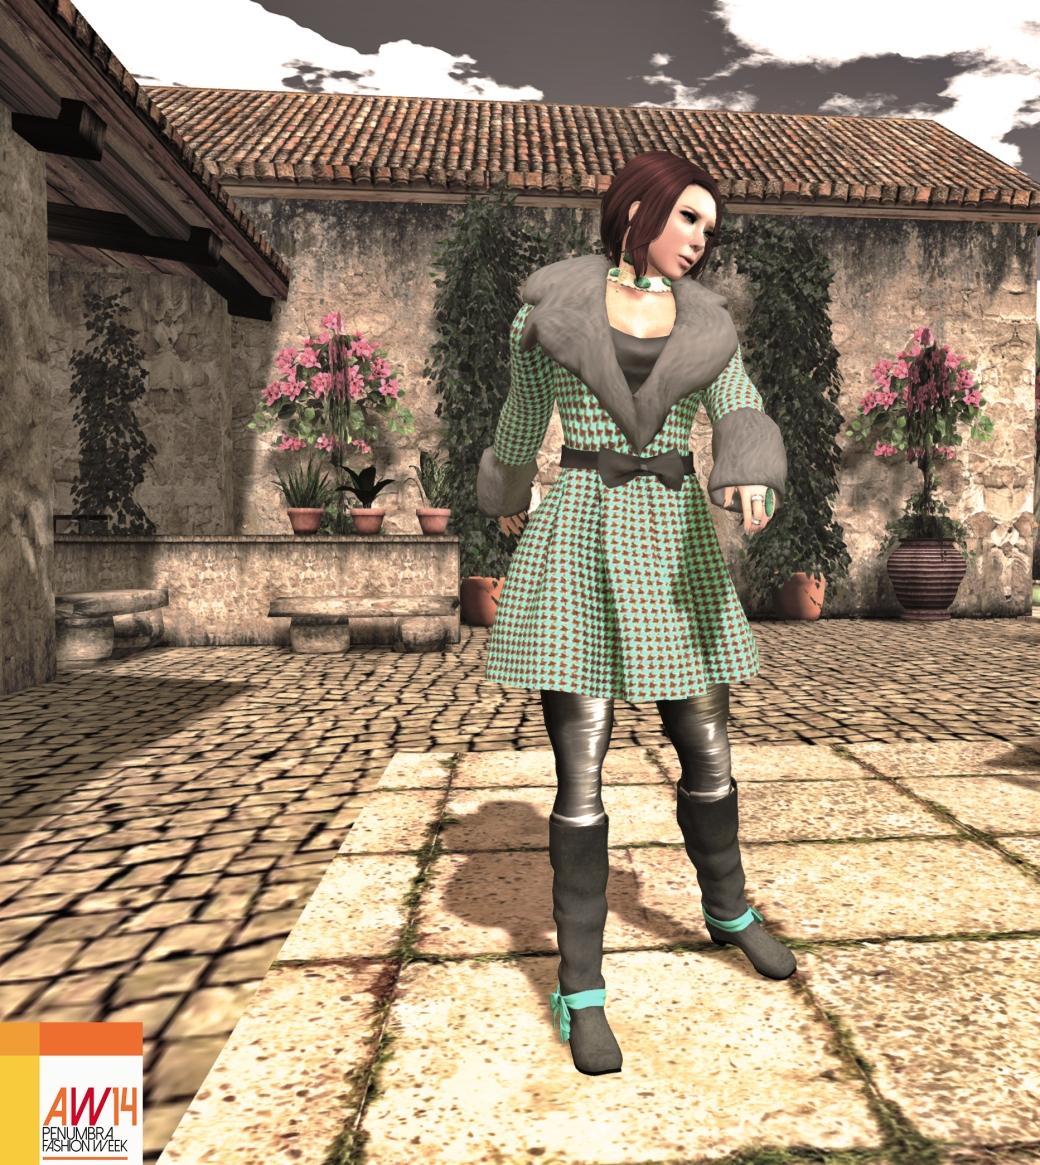 091214 penunbra prism diesel works natya3_blog 3